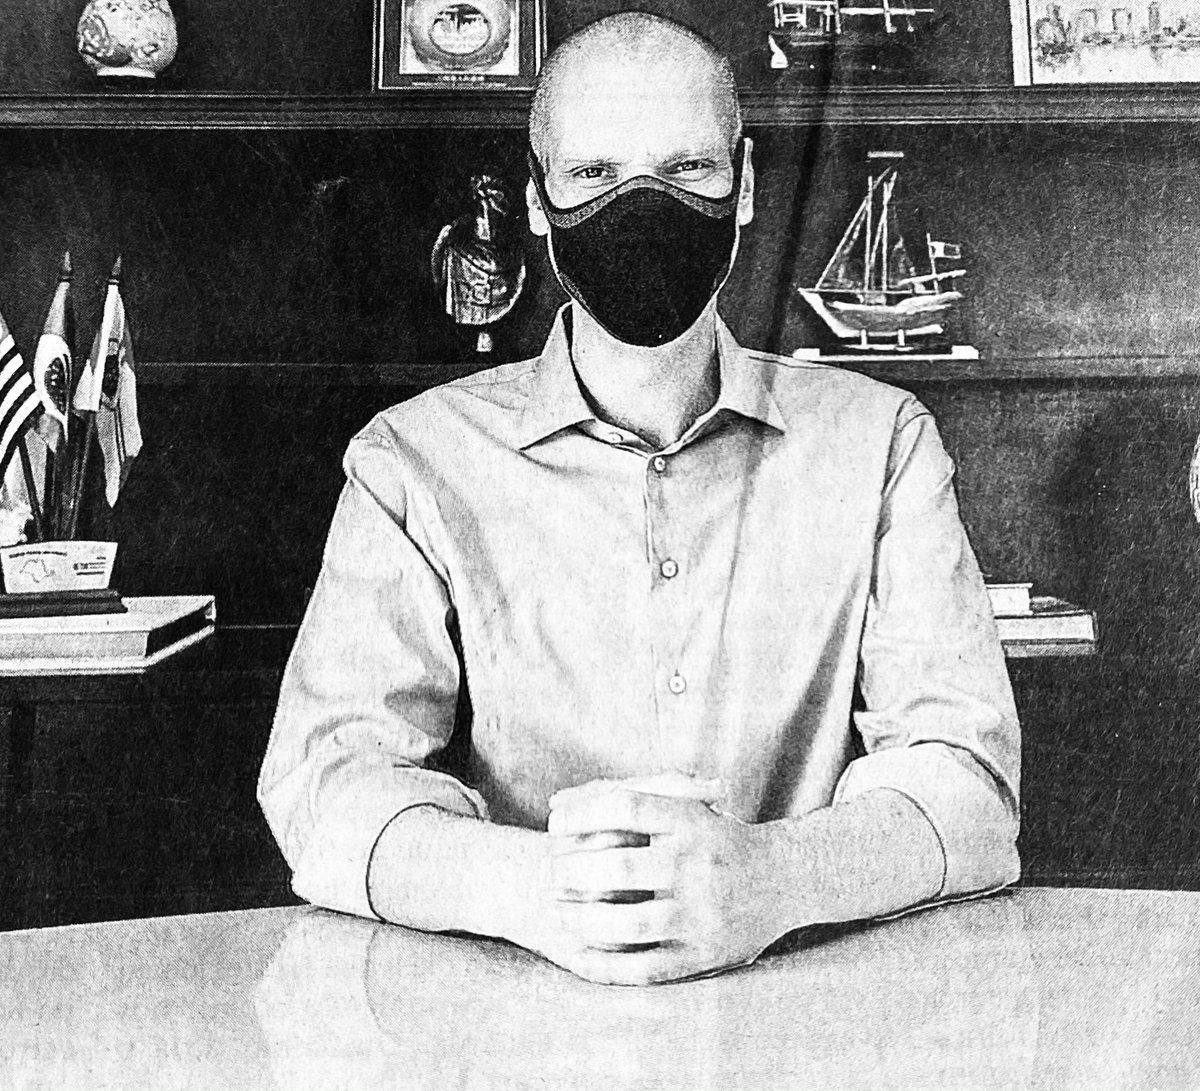 Sob o prisma da semiótica essa foto do Bruno, o das Covas me remete a Albert Speer, o cenógrafo do nazismo que também inspirou o design de Guerra nas Estrelas. símbolos como essa máscara negra e onipresente tem a função clara de inspirar o terror na população.